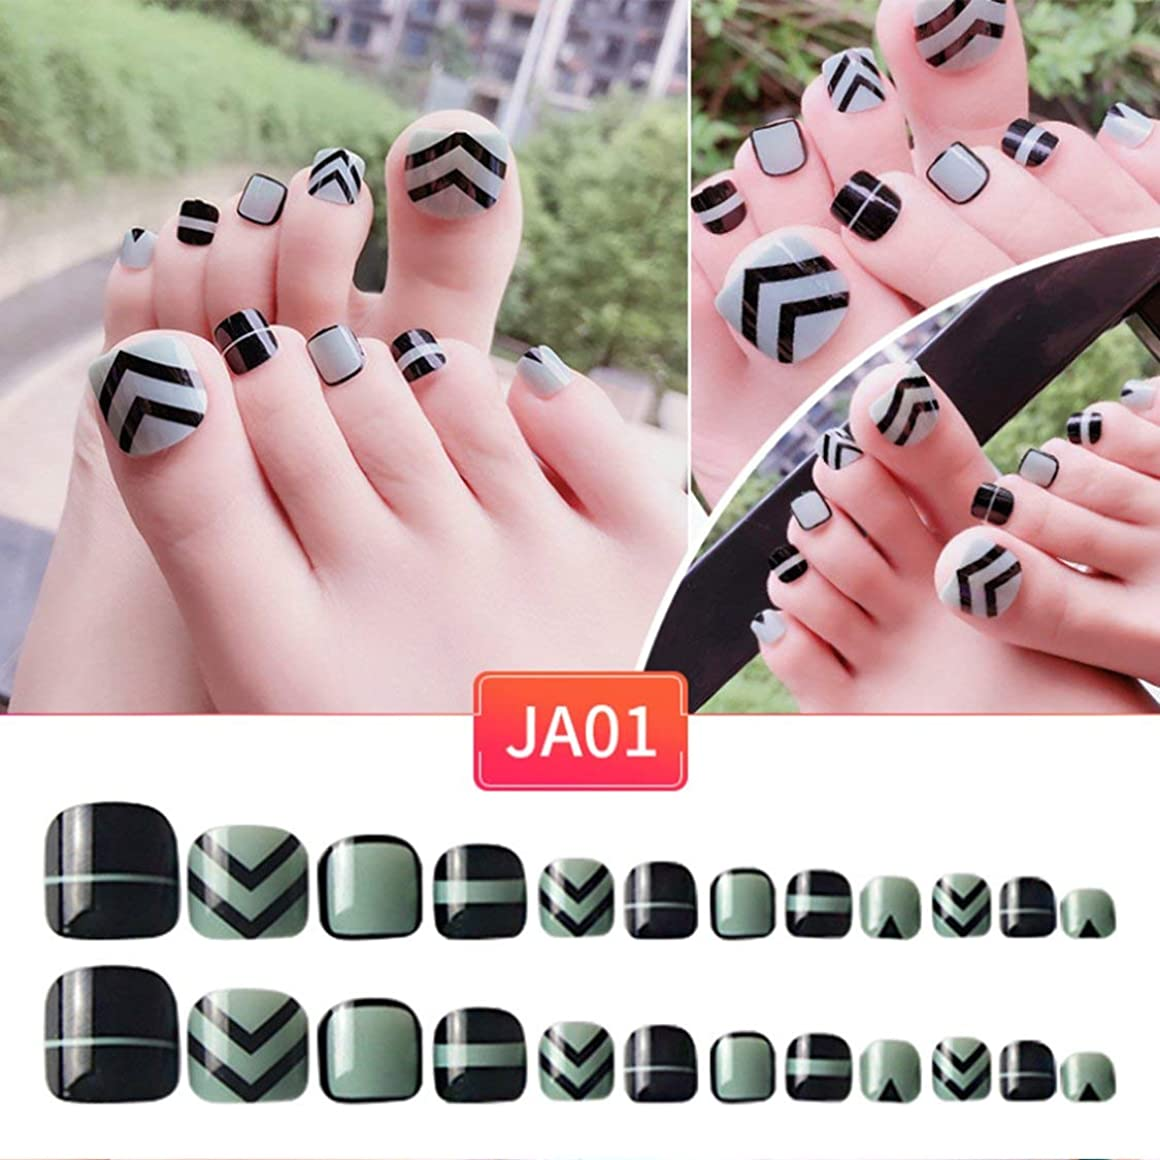 足ネイルステッカーアクリル偽足ネイル偽のネイルアートの指の爪フルヒットソリッドネイルパッチのステッカー